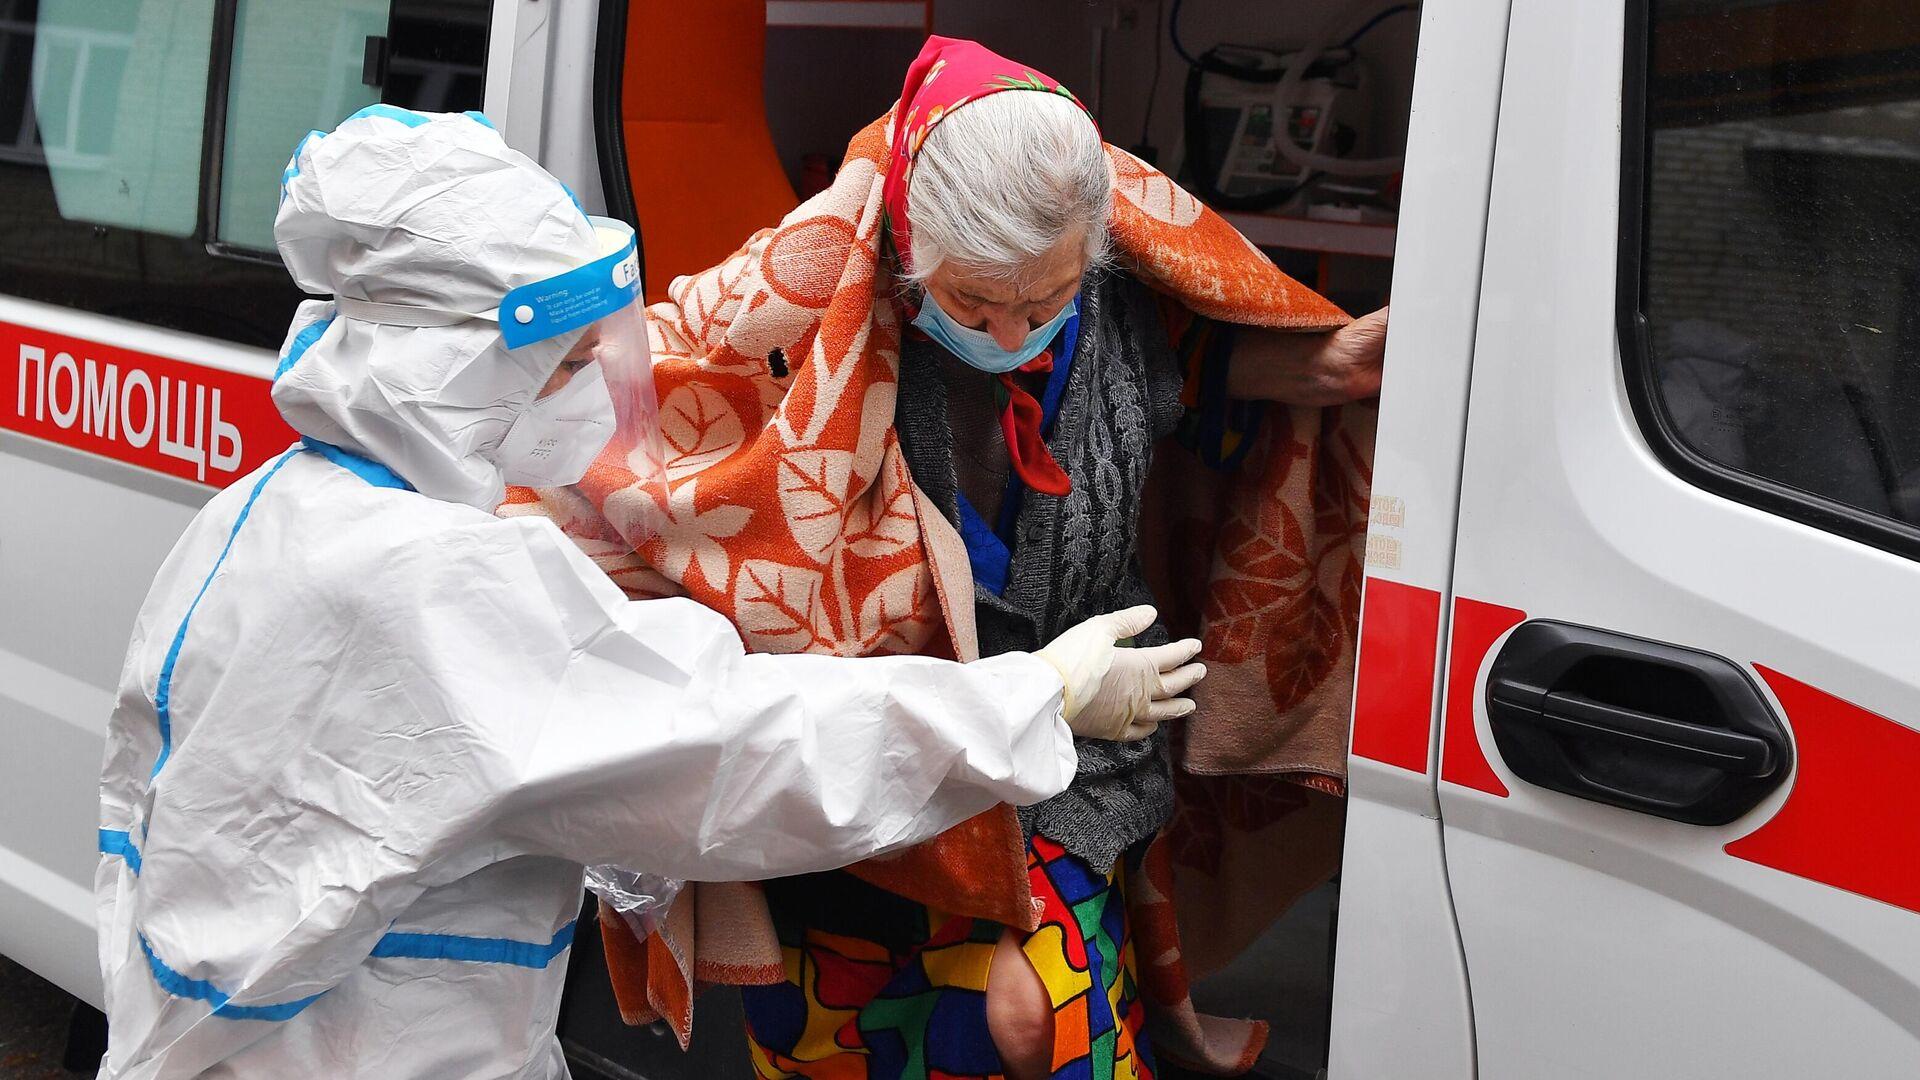 Медицинская сестра помогает выйти пациентке - Sputnik Беларусь, 1920, 30.09.2021